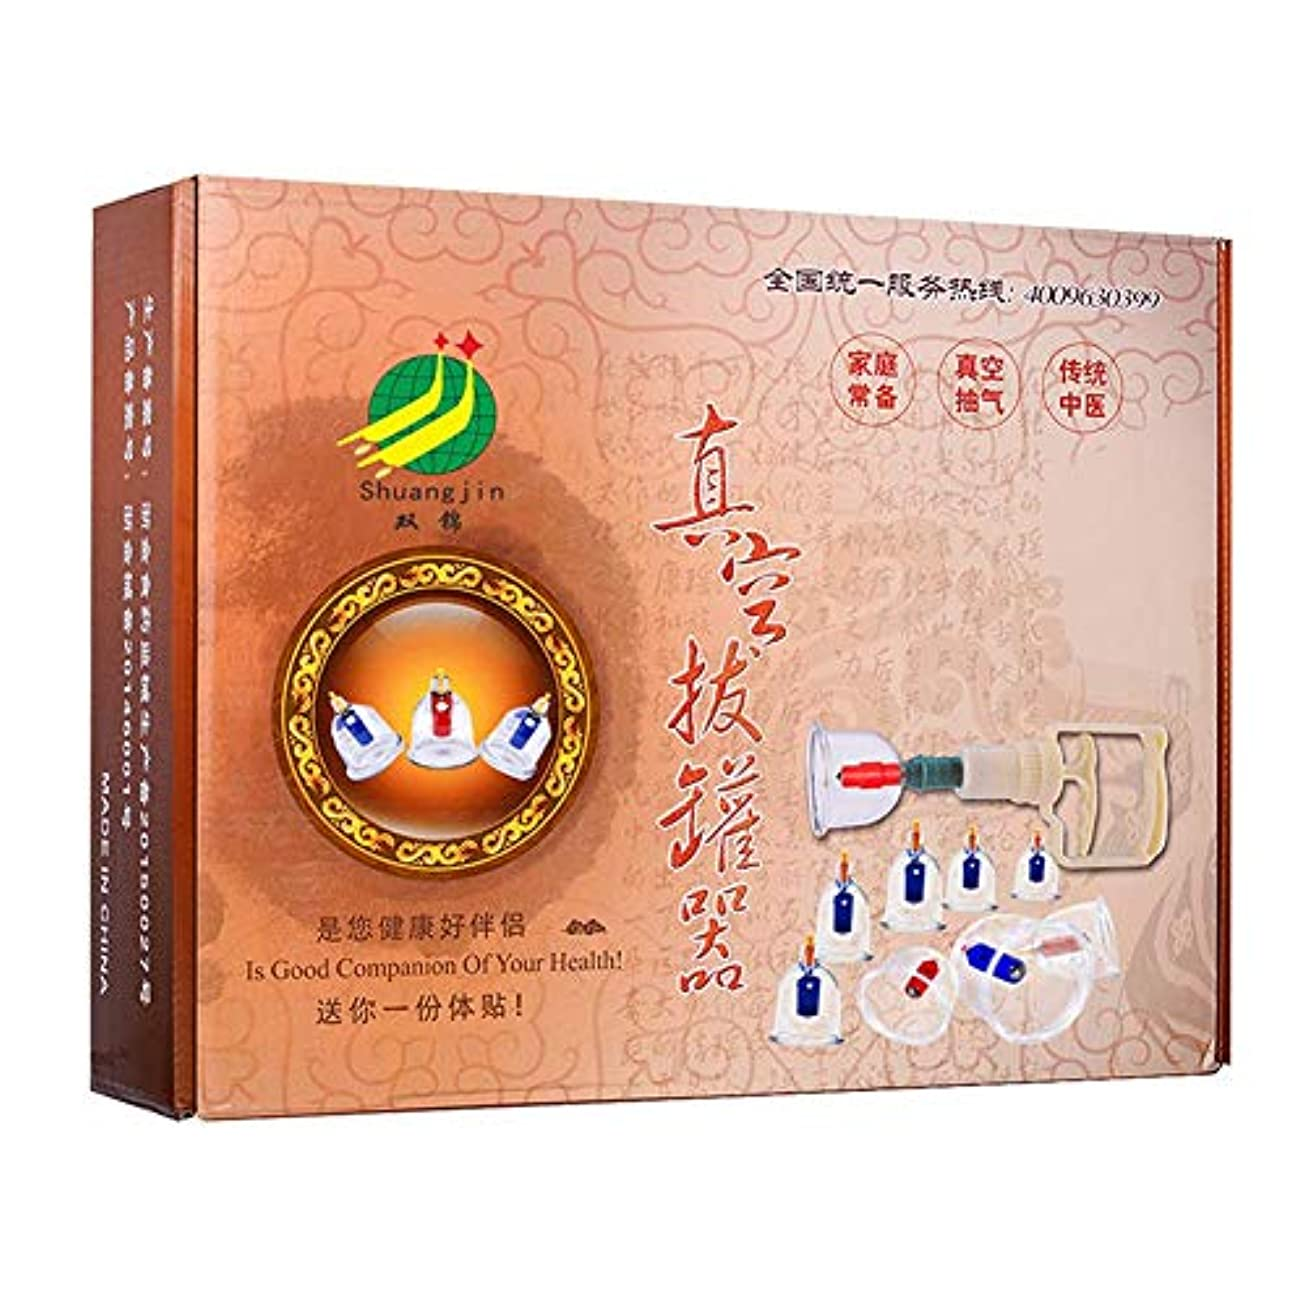 課税義務耐えられないカッピングセット関節炎、痛みの緩和、リラクゼーション、アンチエイジングマッサージ用延長中国製24缶